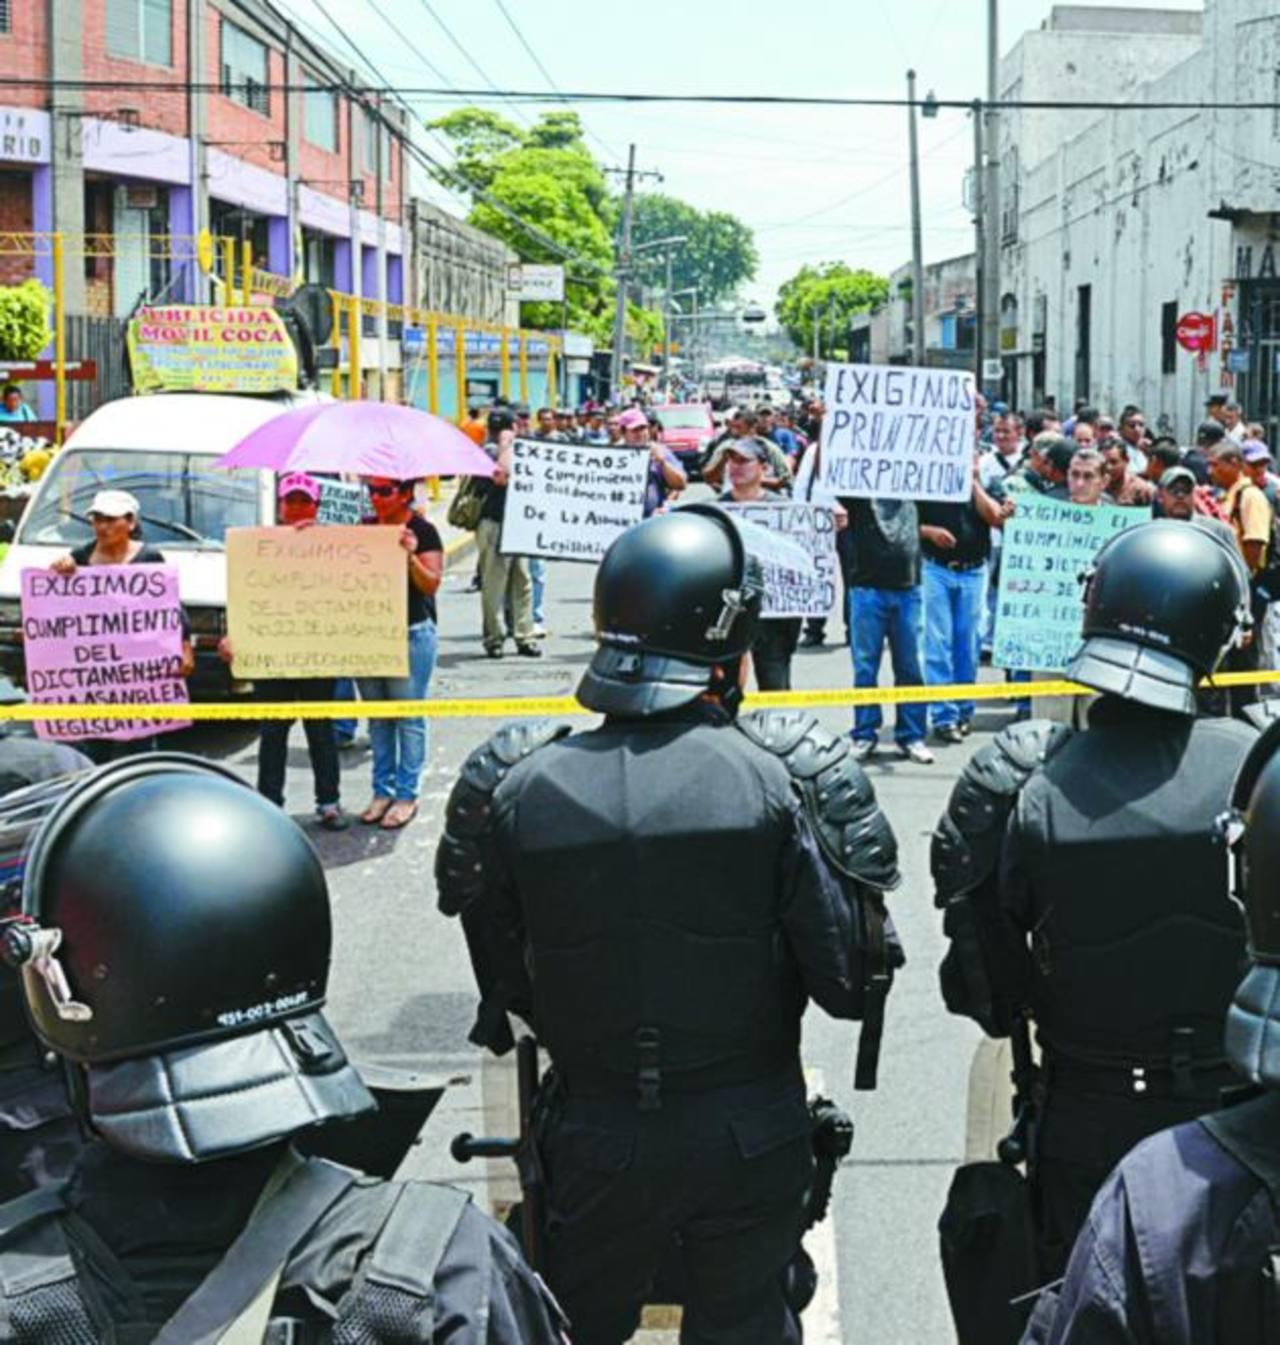 Los manifestantes llevan 13 años exigiendo su reincorporación. Foto EDH / Miguel Villalta